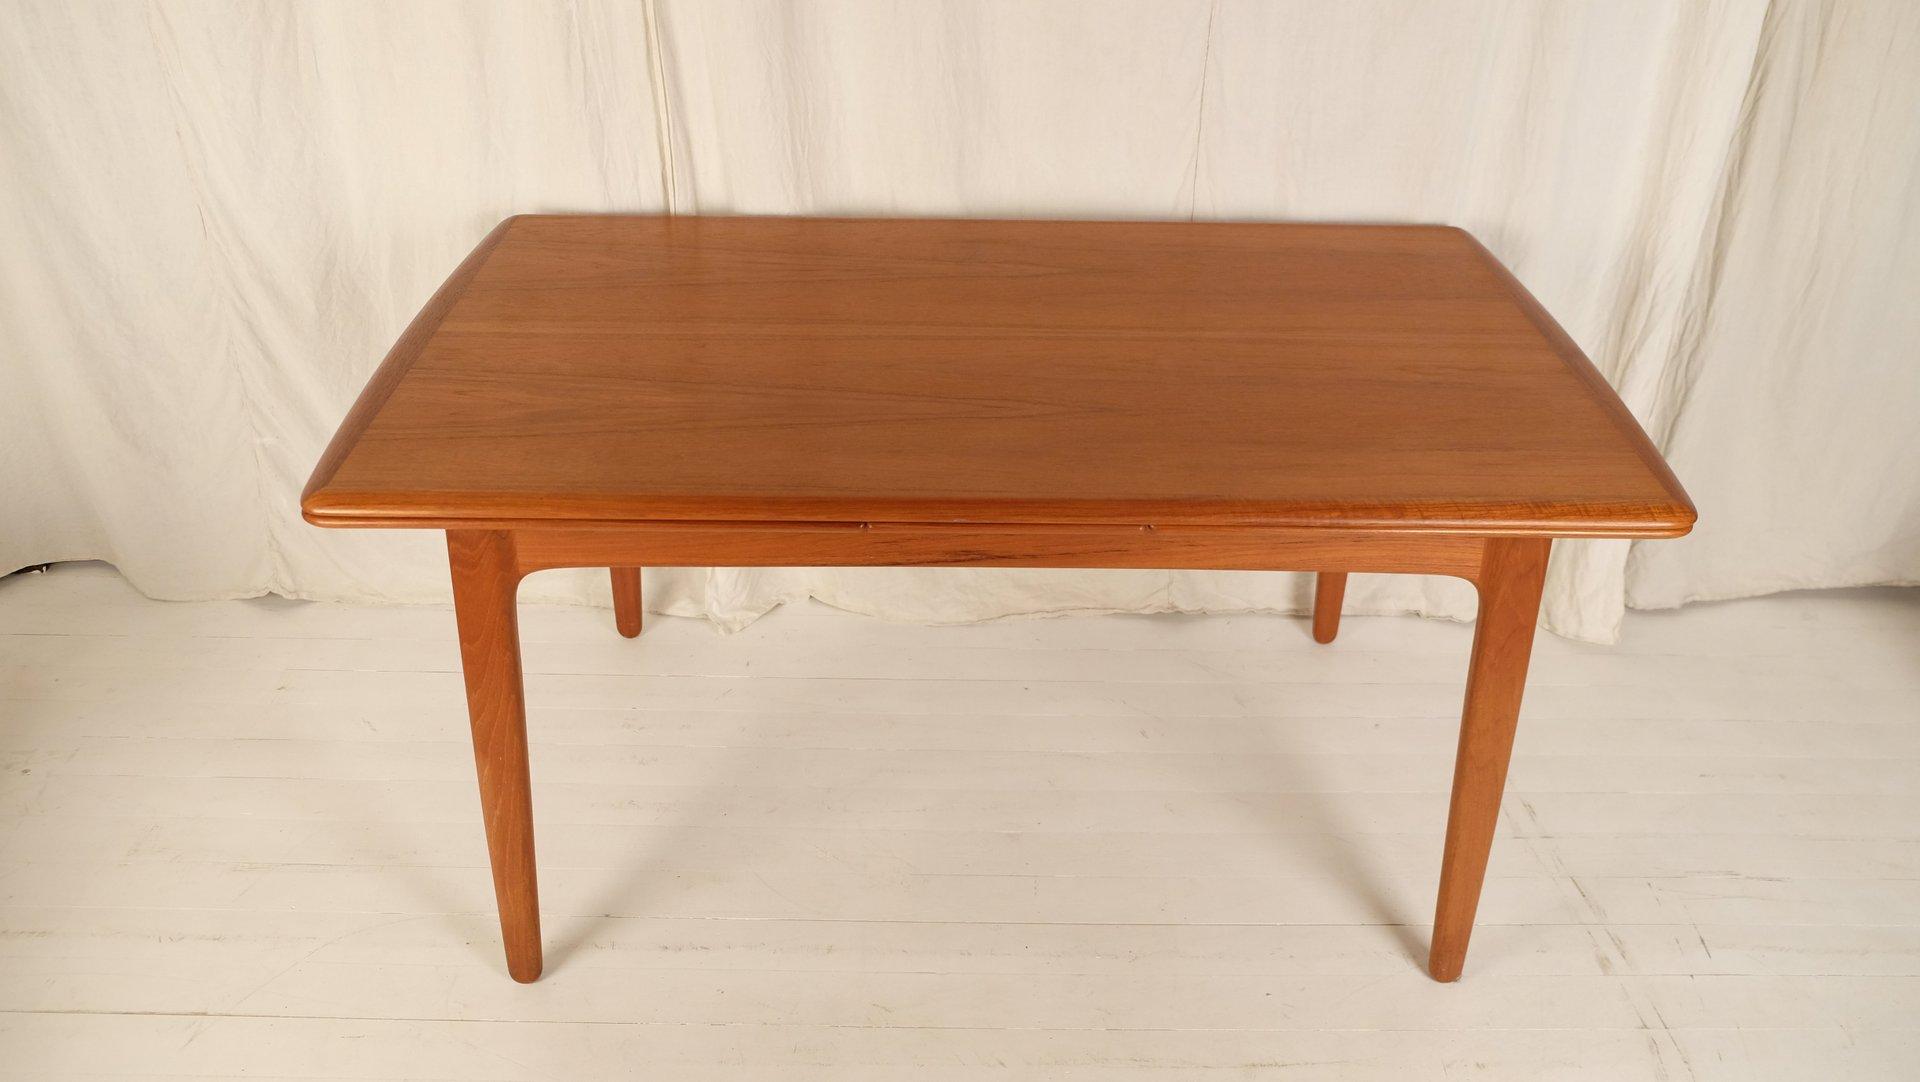 Table de salle manger mid century avec 6 chaises par johannes andersen pour - Table de salle a manger avec 6 chaises ...